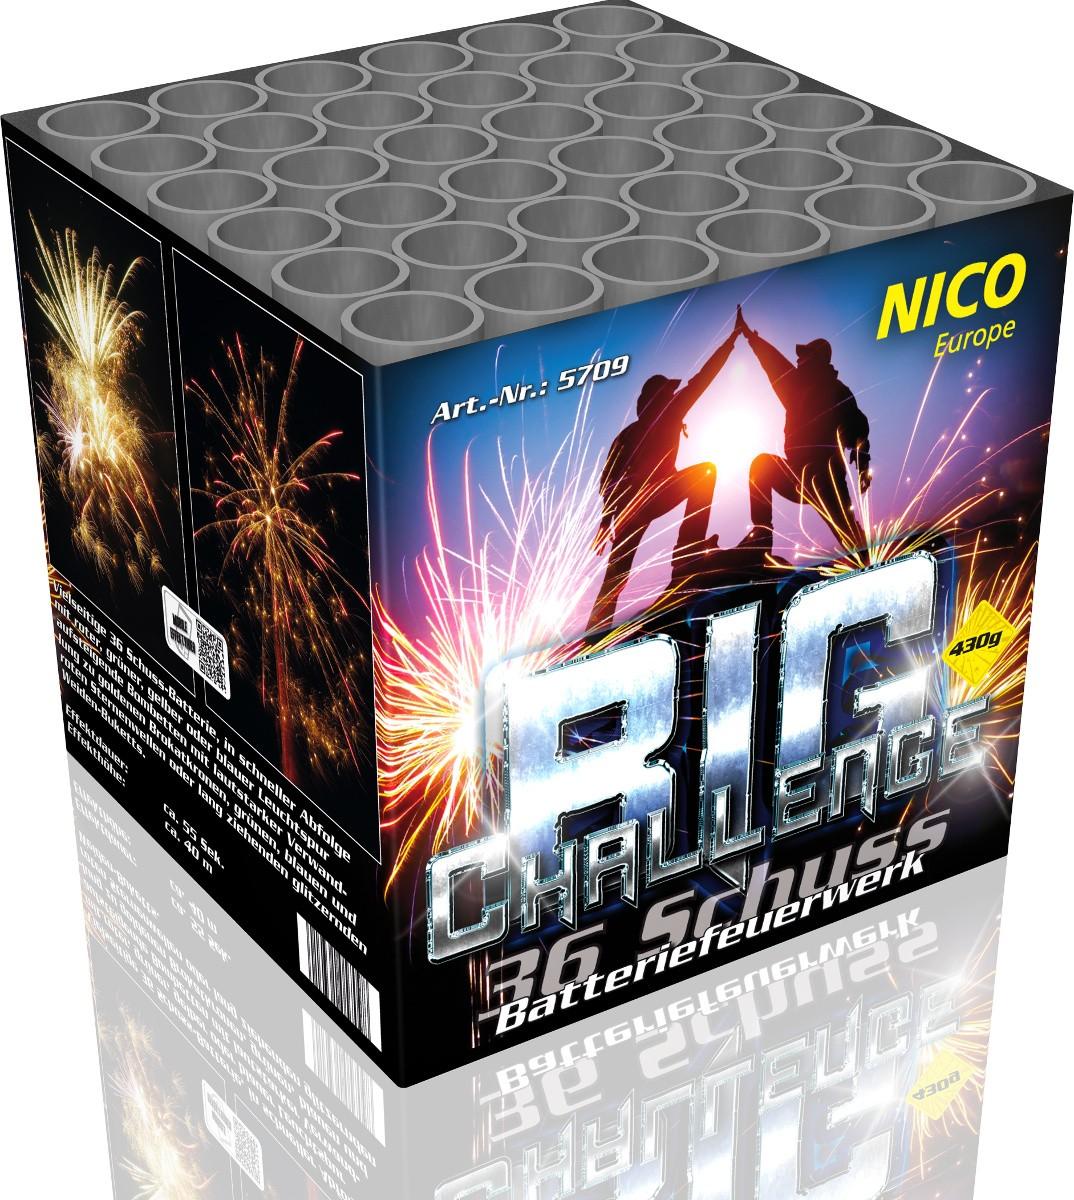 Feuerwerk Batterie Big Challenge 36 Schuss